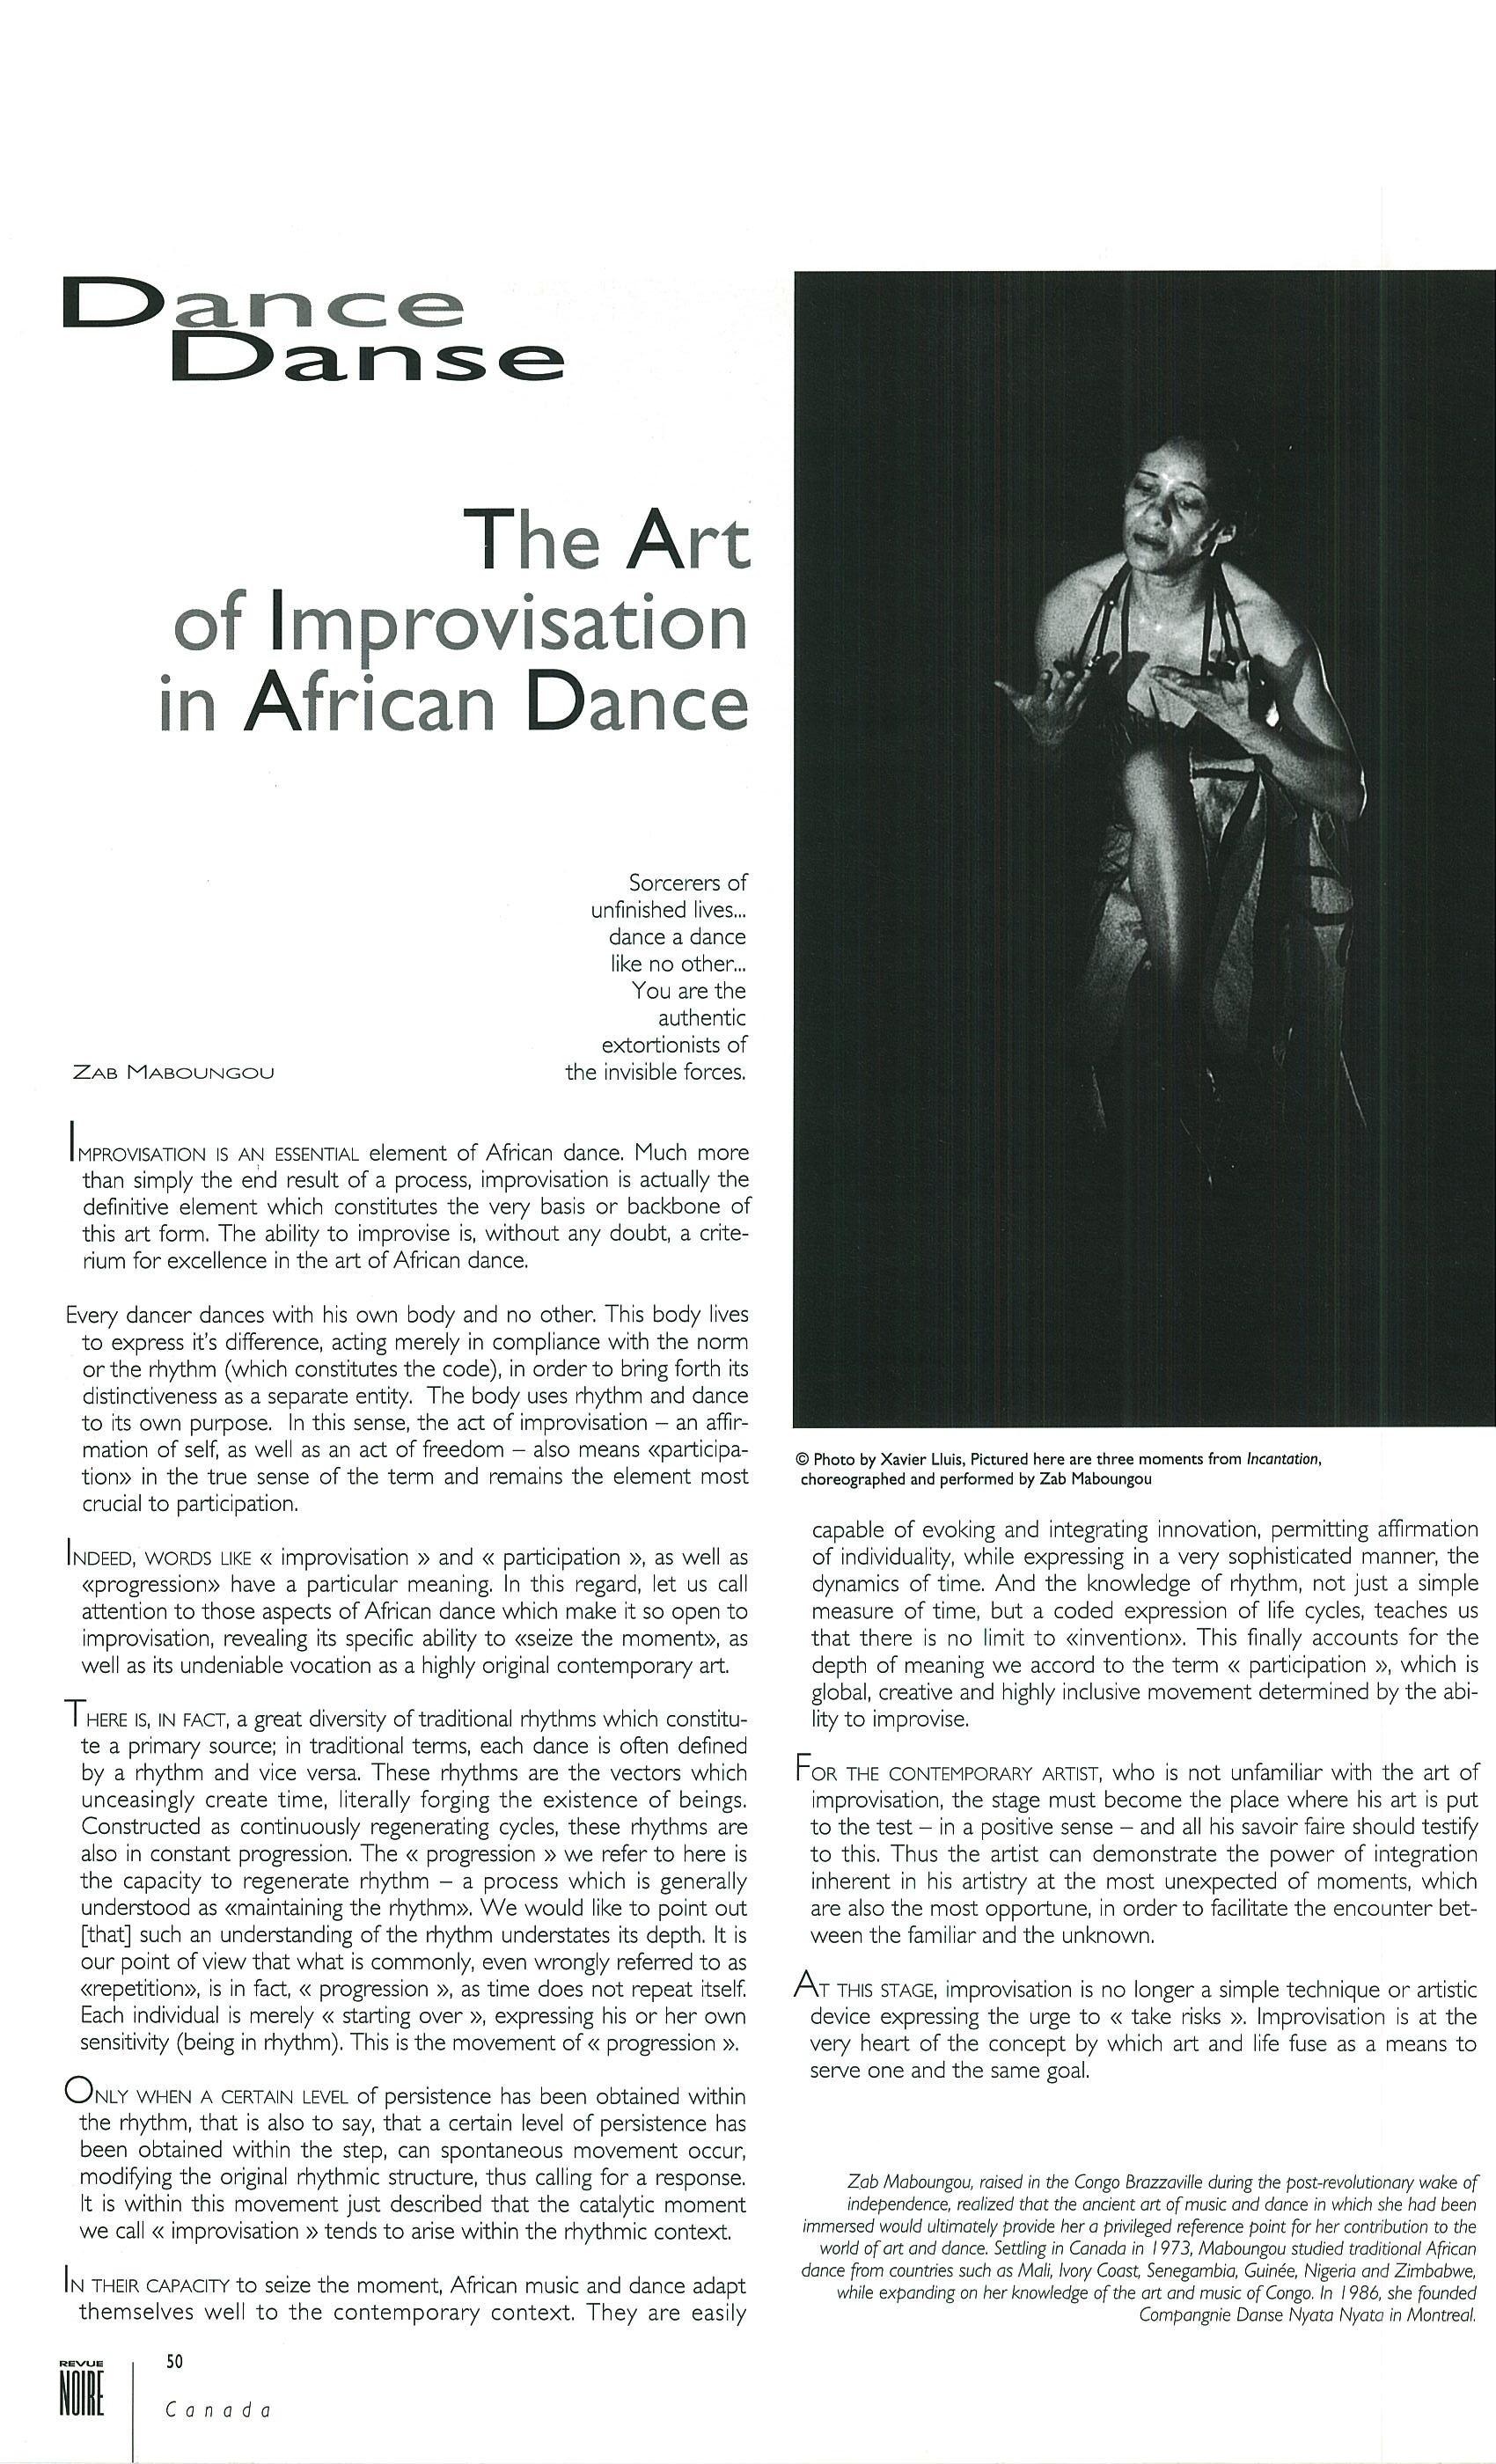 2. Revue Noire book_Page_052